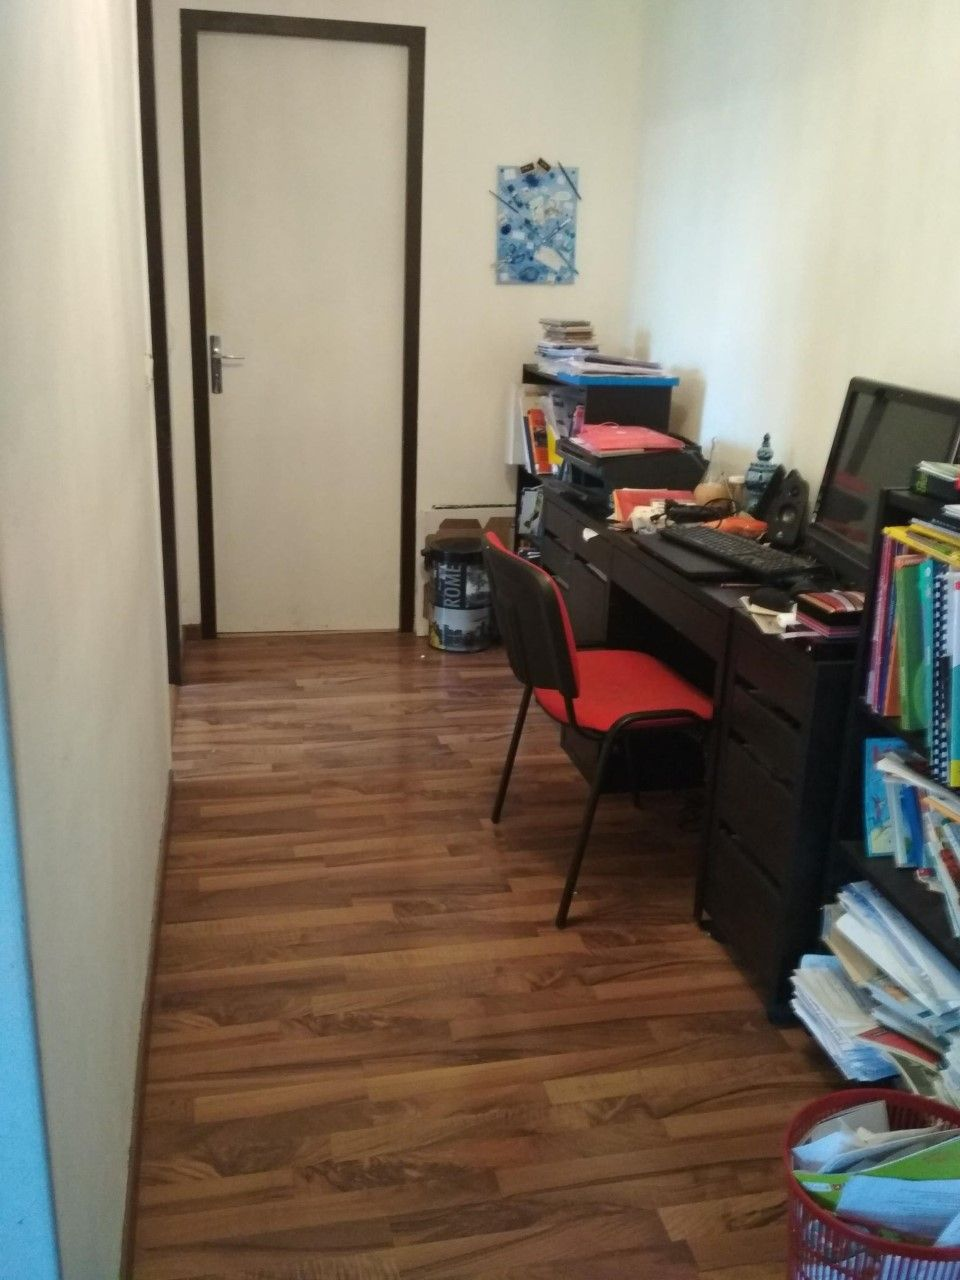 Colocation Clichy-sous-Bois FEMME & Location Chambre à louer Clichy-sous-Bois FEMME | Loue chambre meublée Clichy-sous-Bois FEMME | Logement Clichy-sous-Bois FEMME